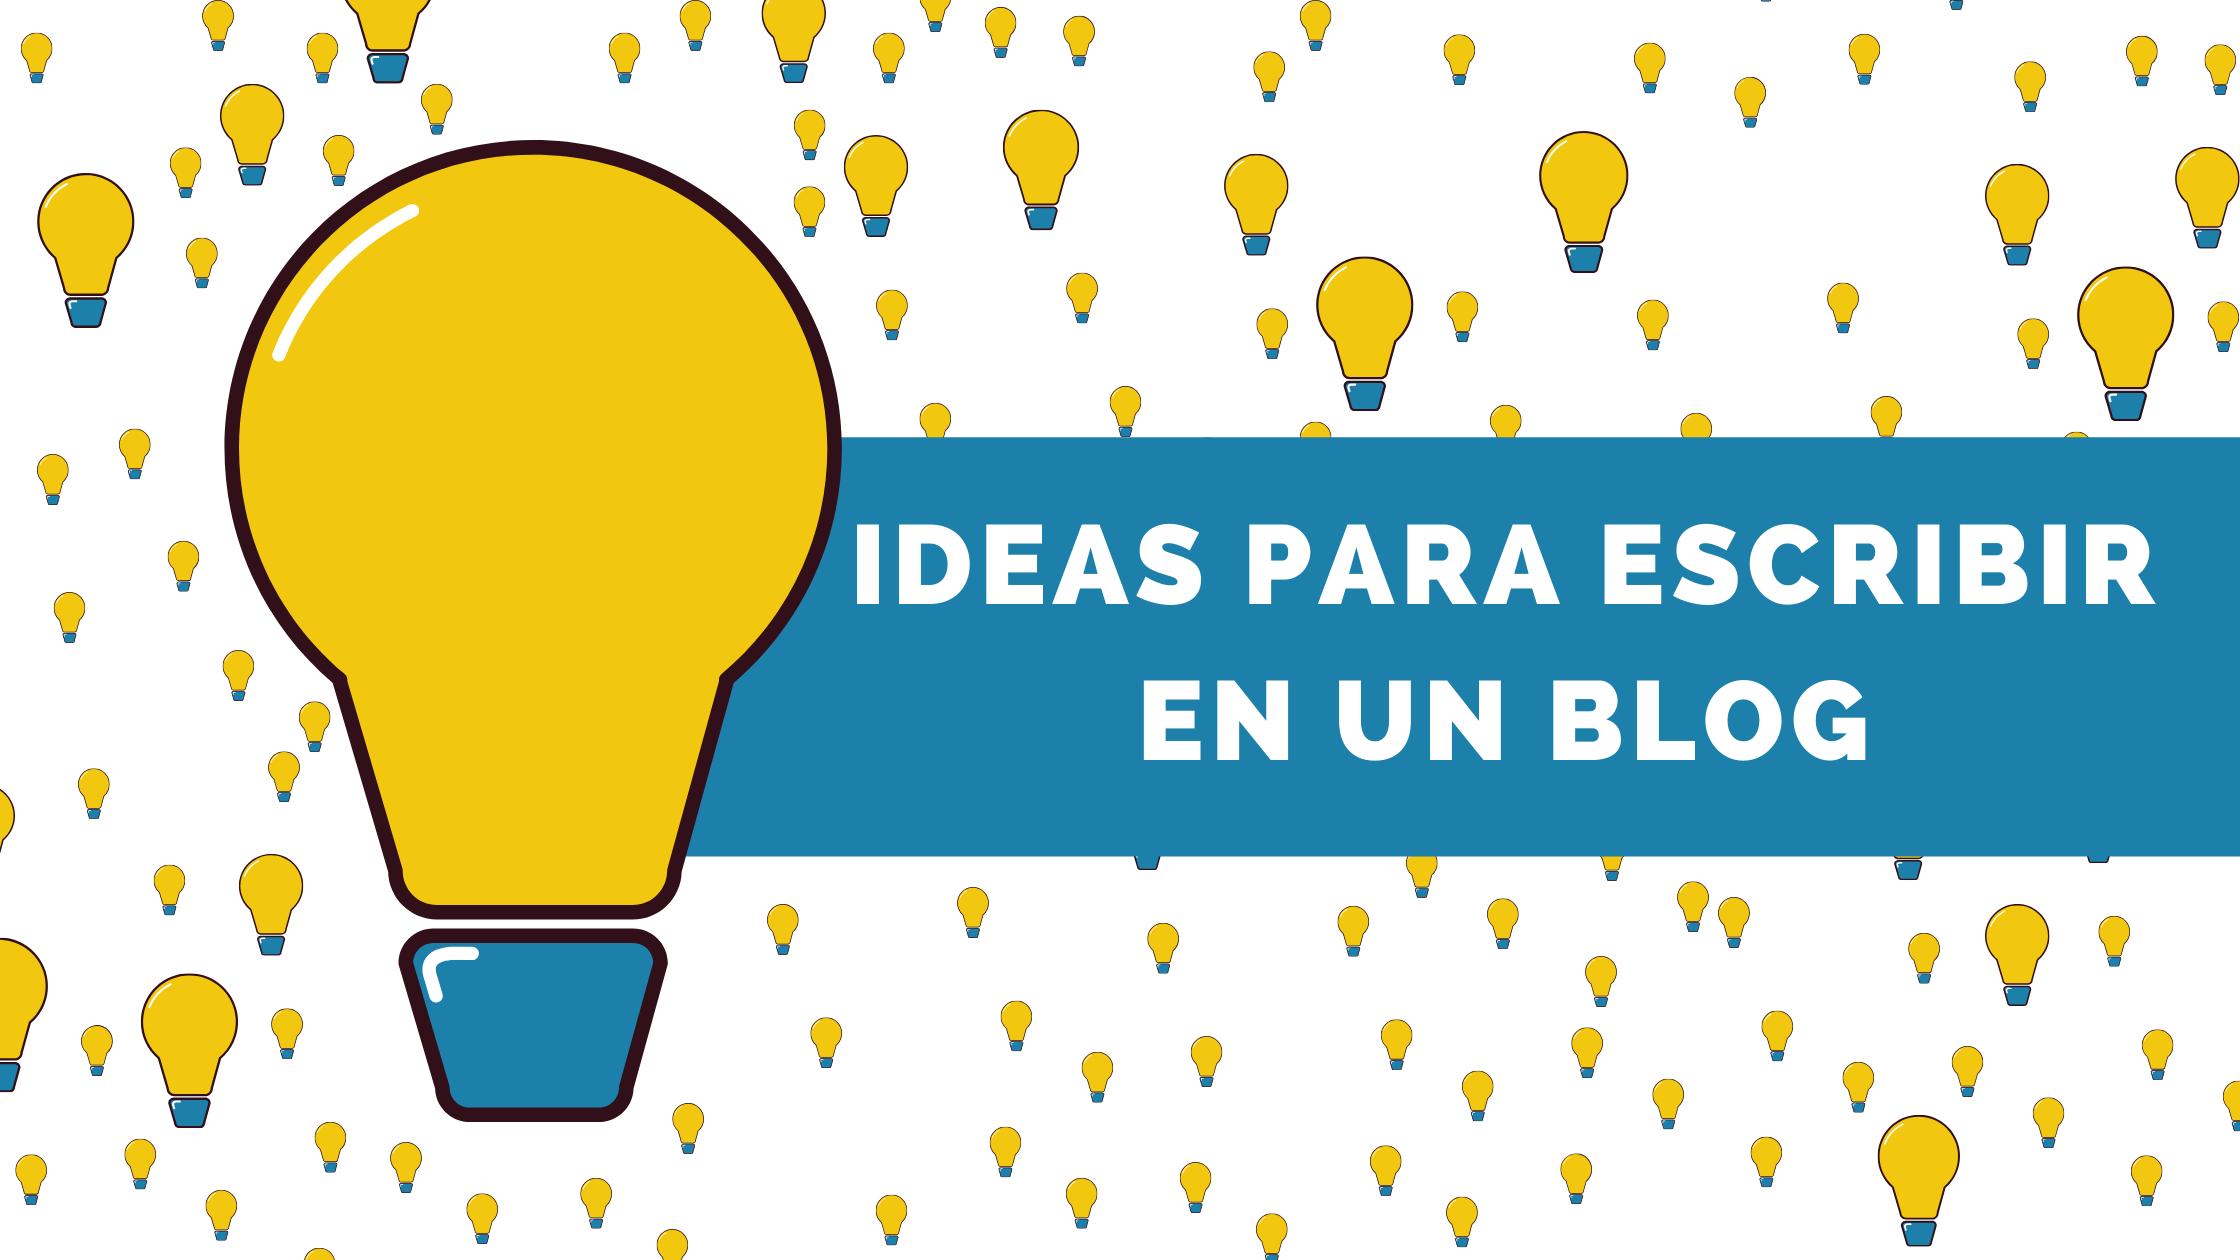 ideas para escribir en un blog